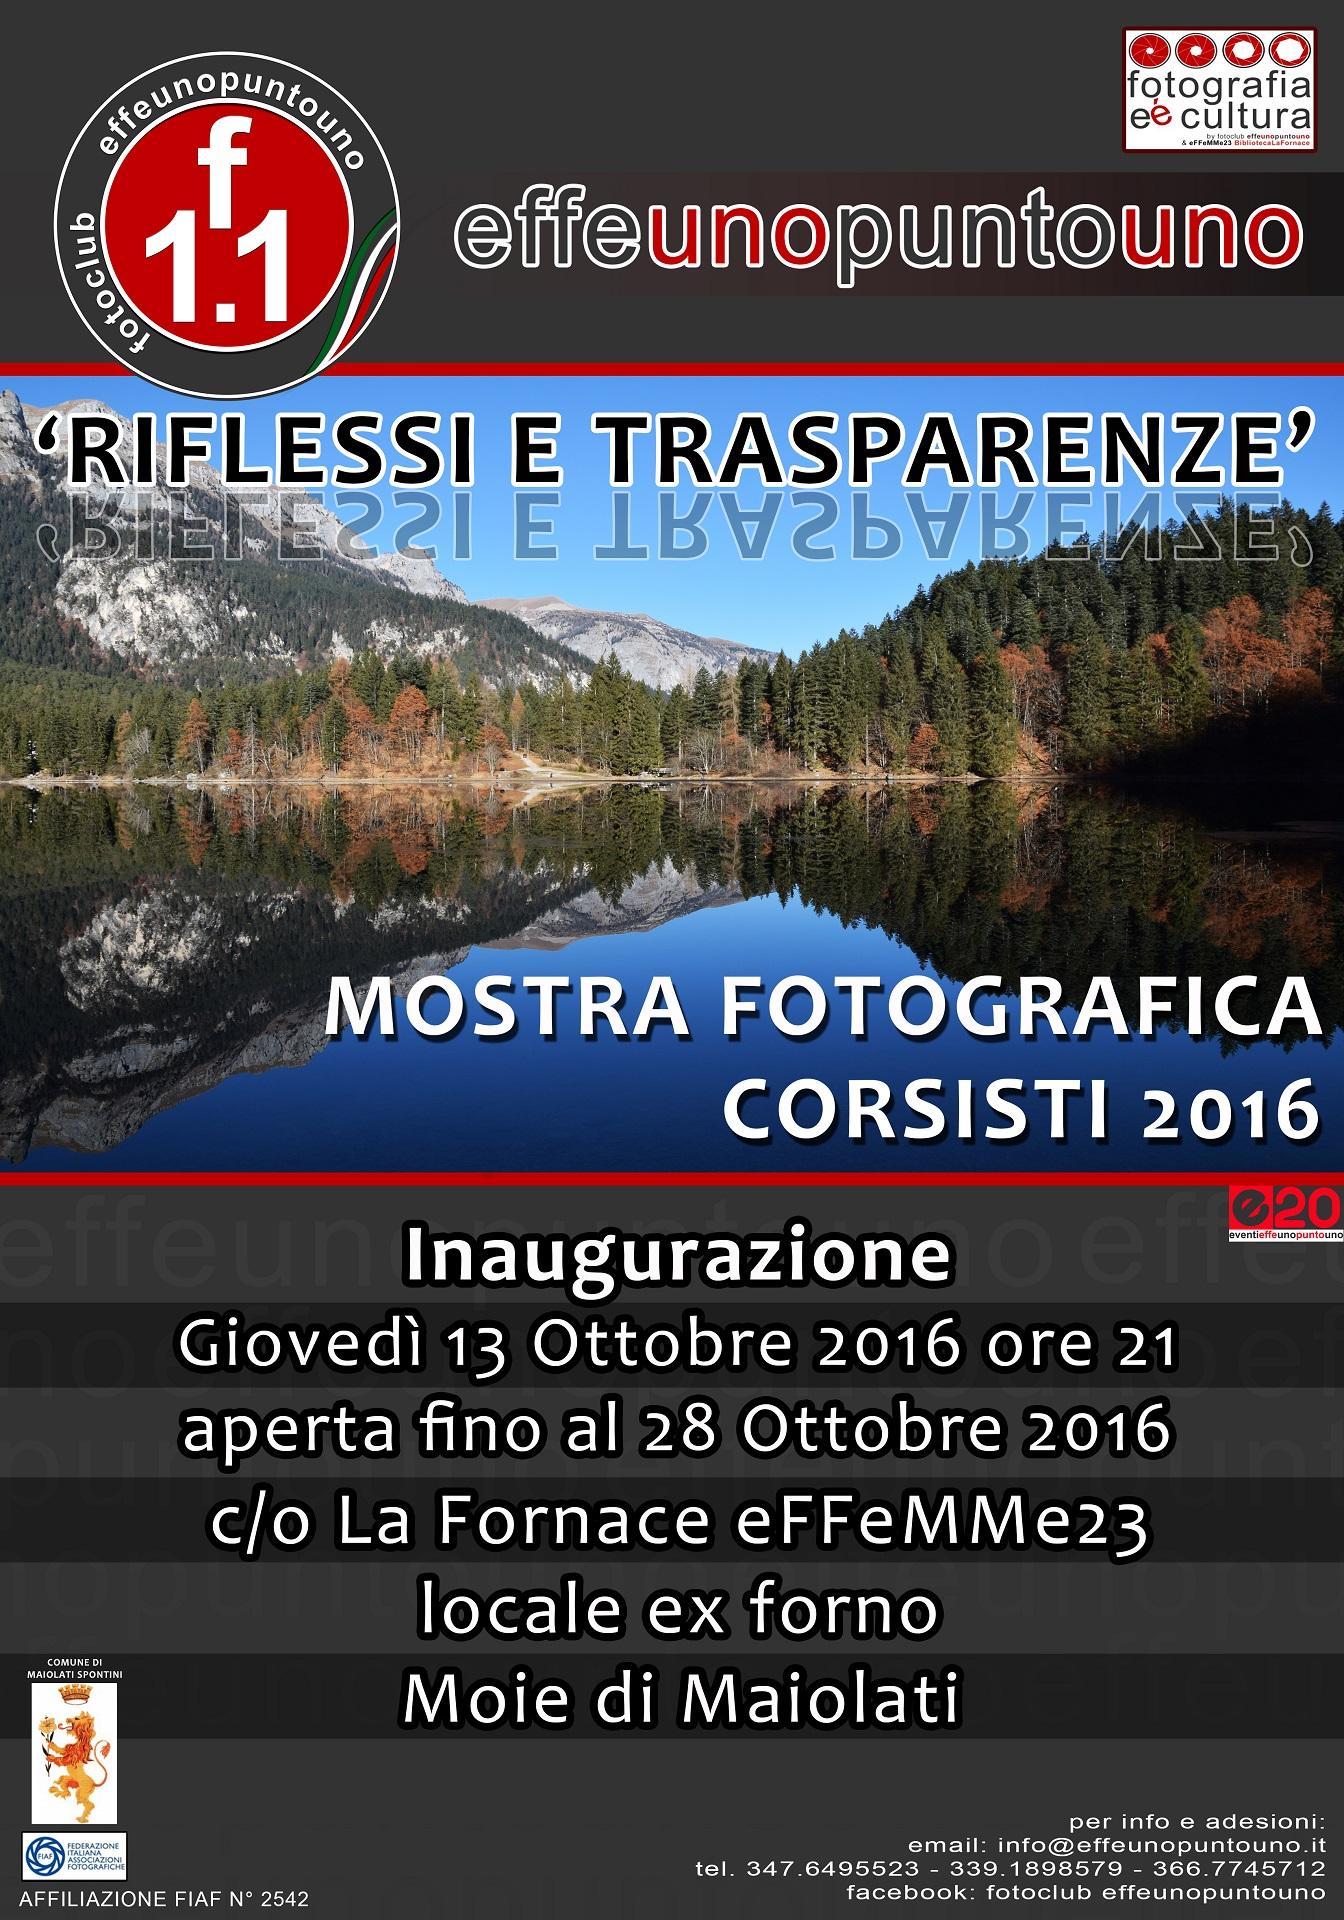 mostra-fotografica-riflessi-trasparenze